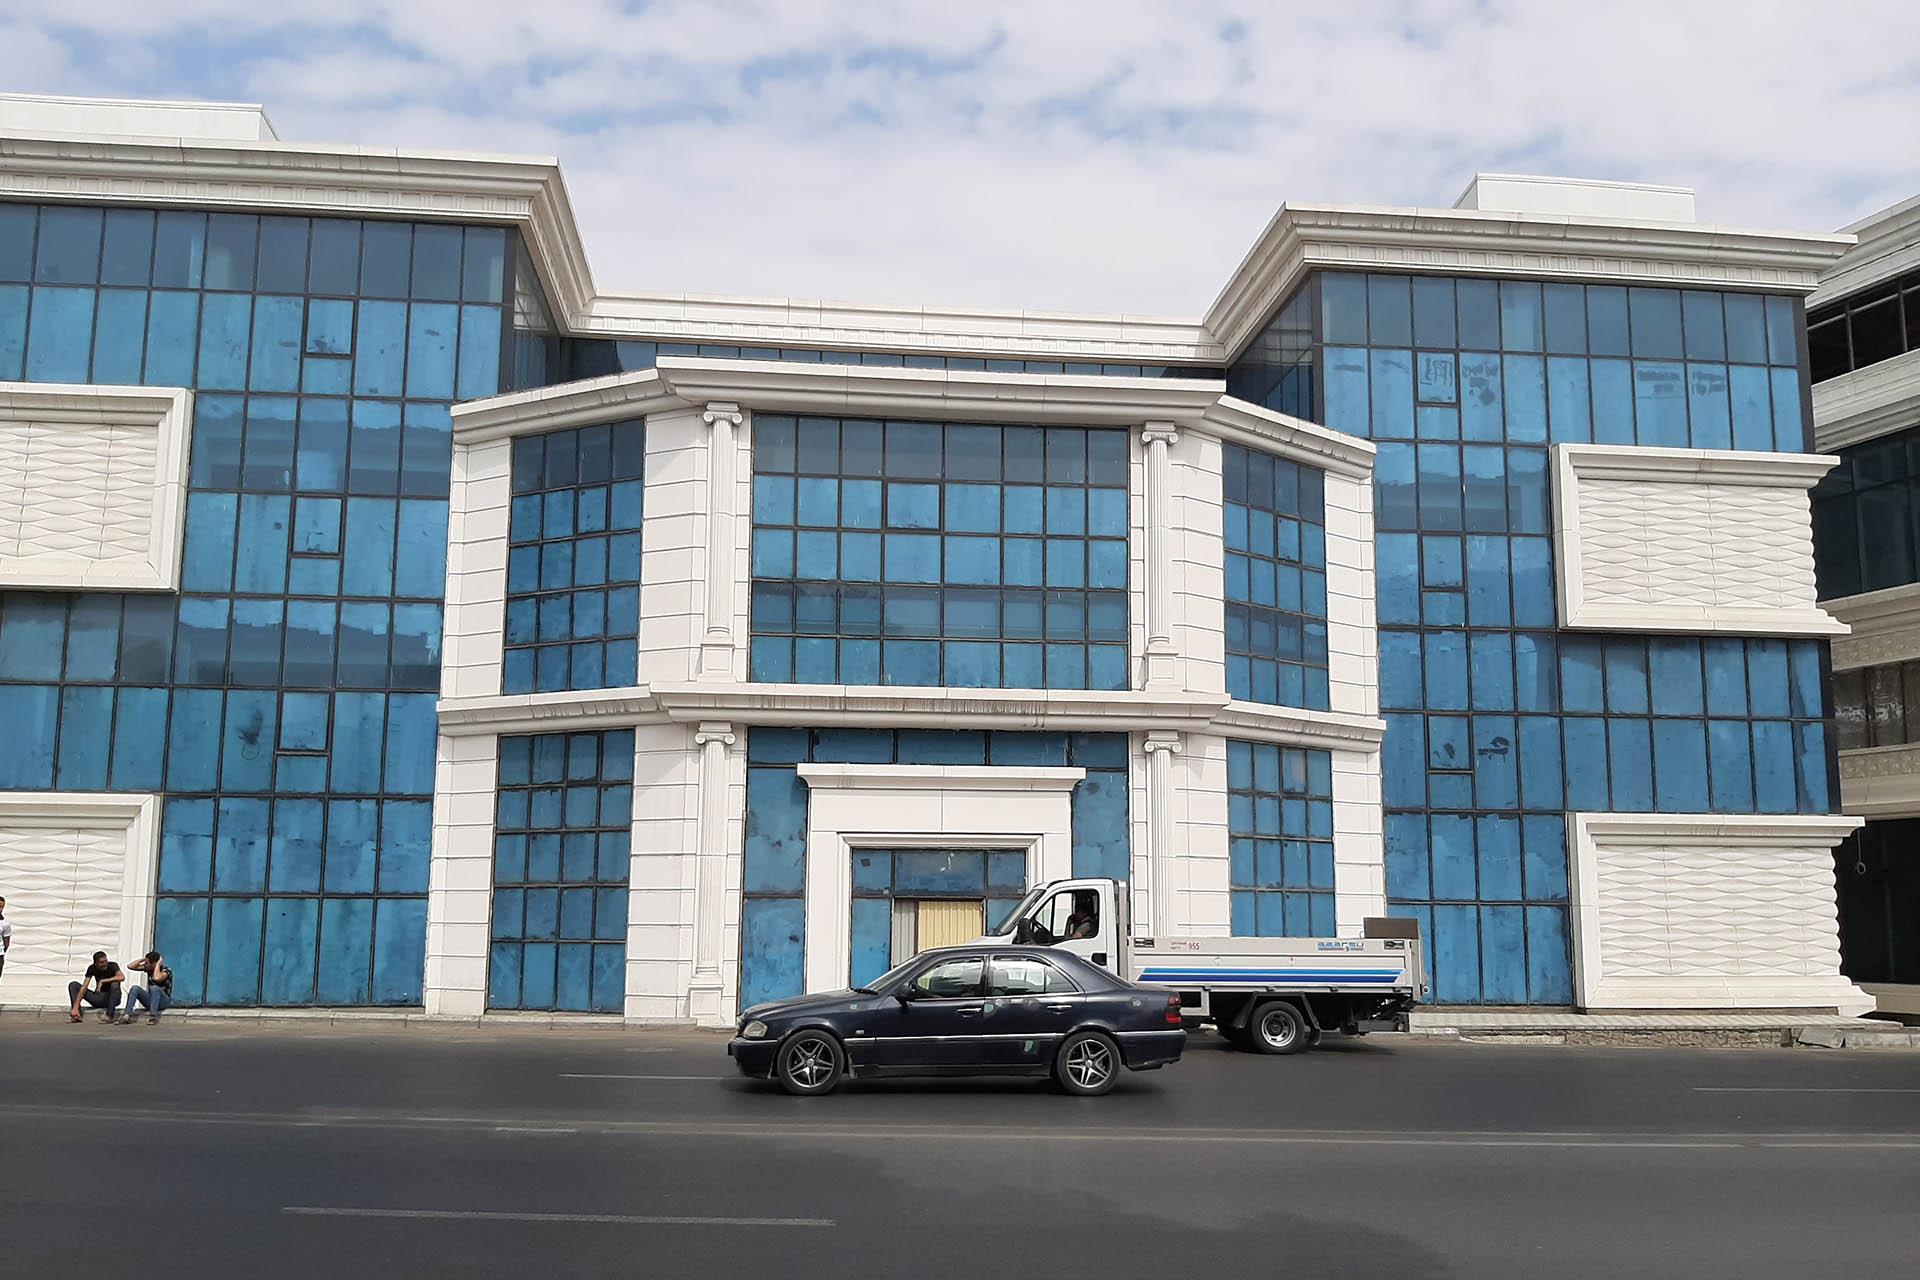 Binanın fasadının fibrobetonla üzlənməsi